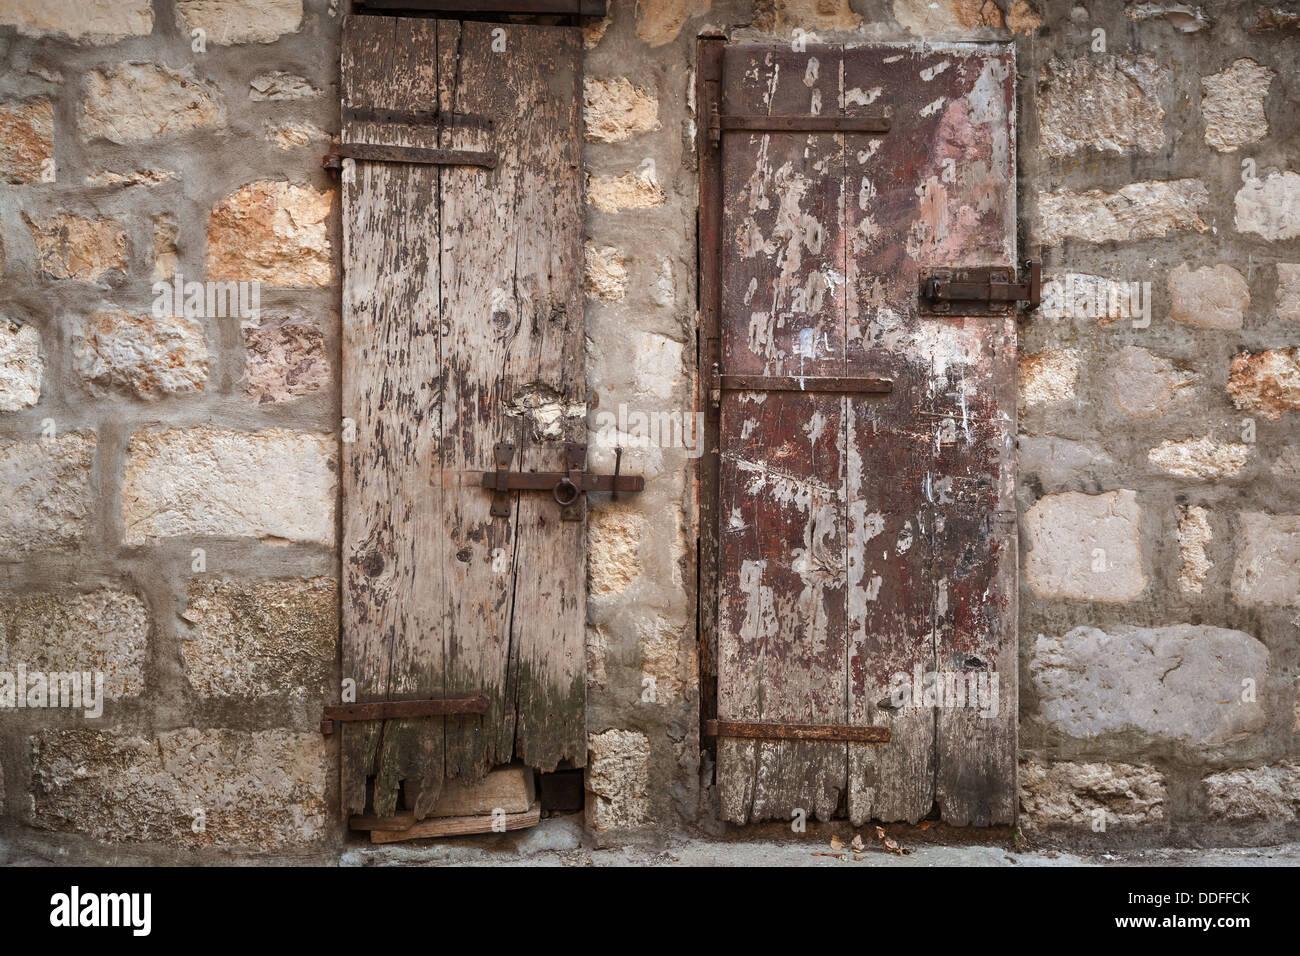 Alte Holztüren alte holztüren in grauen steinwand gesperrt perast stadt